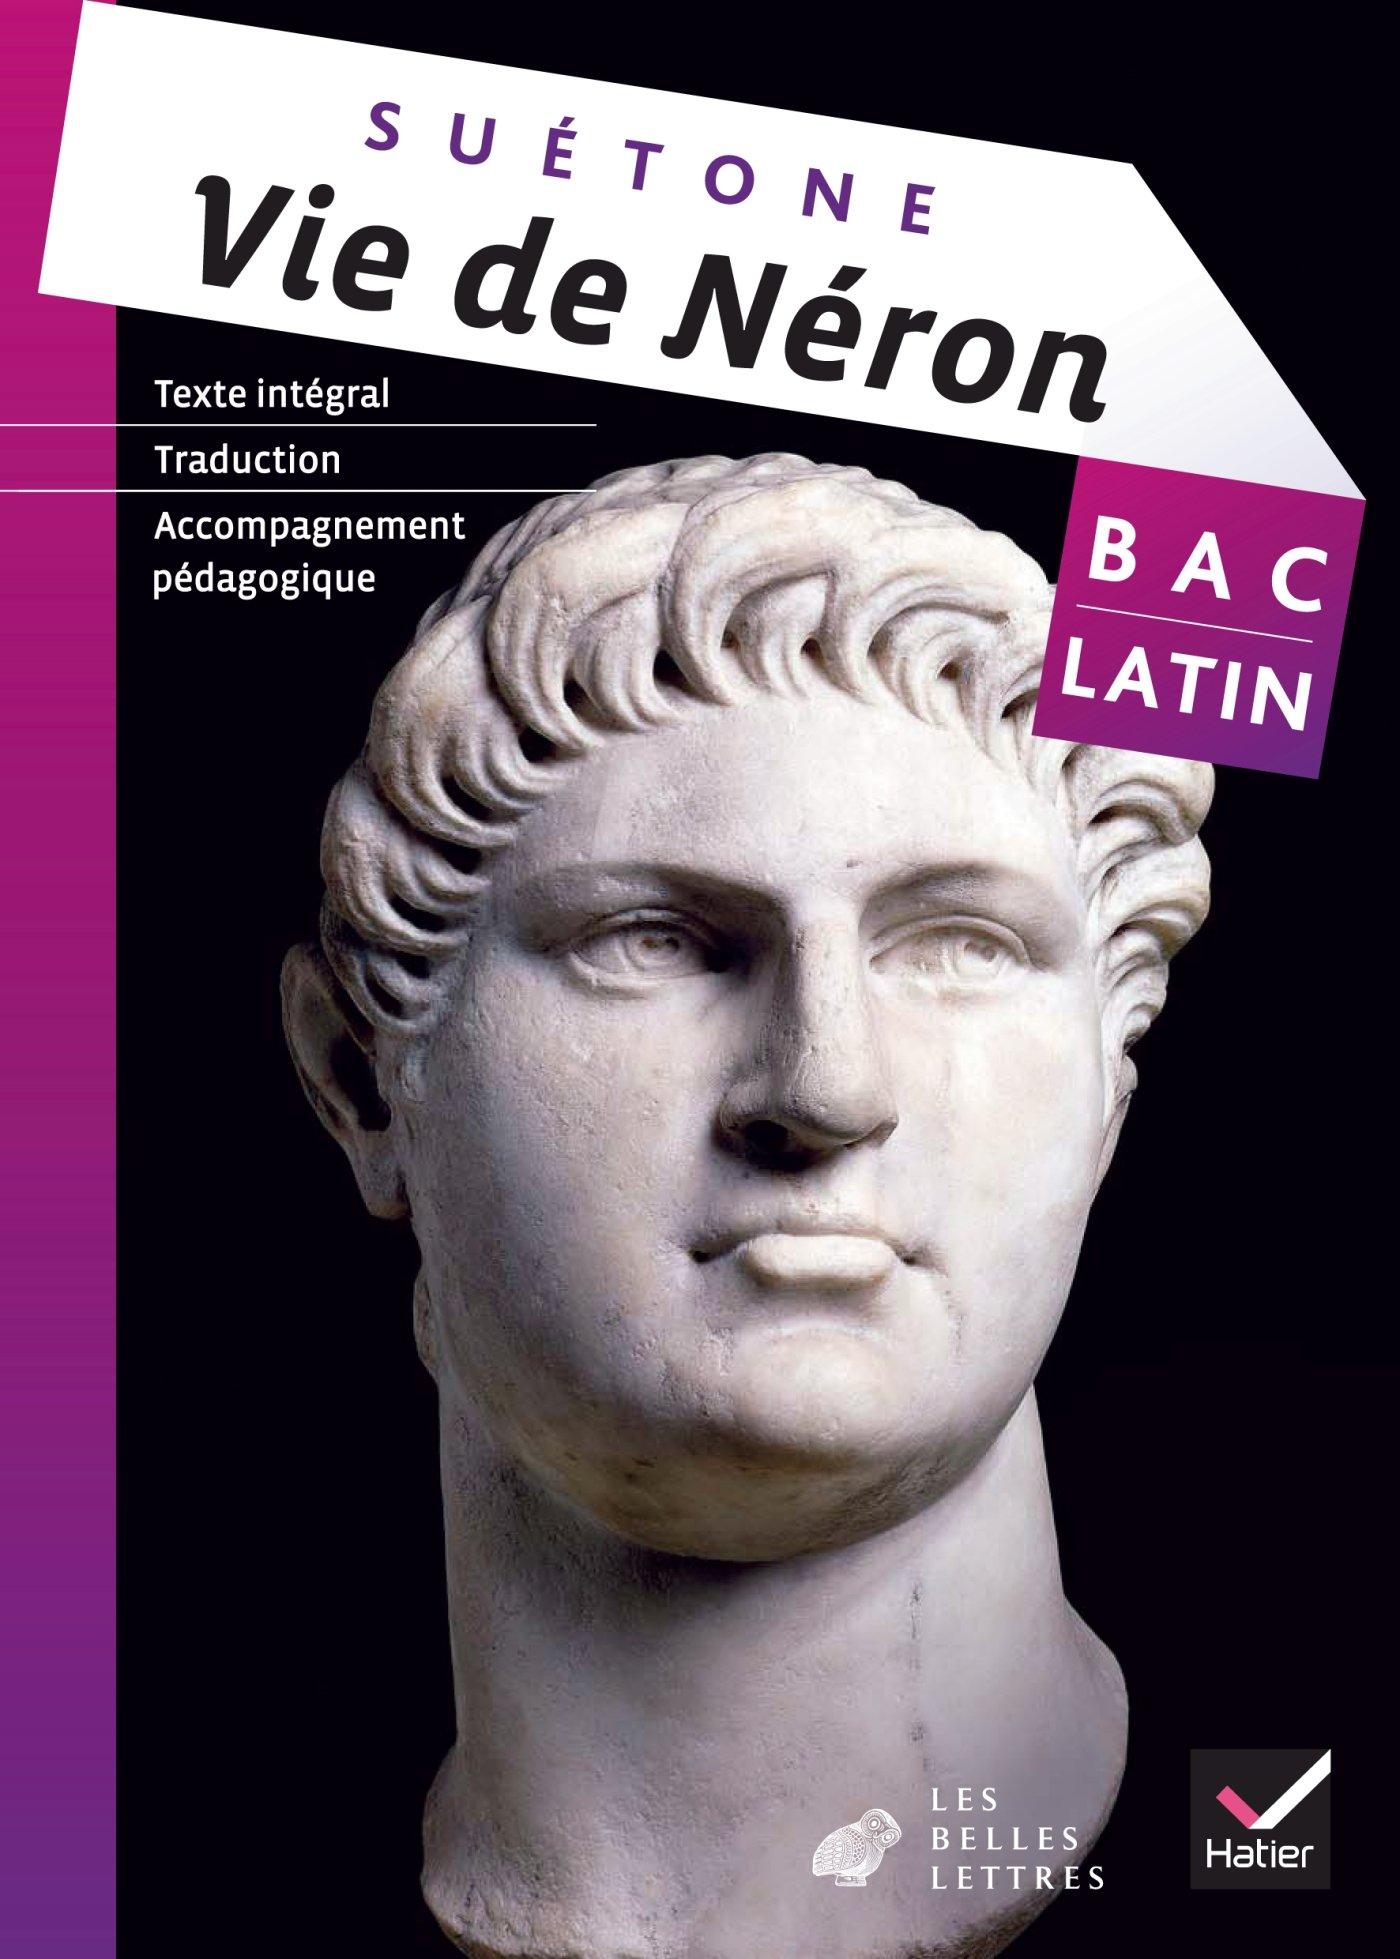 Oeuvre Complète Latin Tle éd. 2013 - Vie de Néron (Suétone) Broché – 28 août 2013 Hatier 2218961520 Lycée général EDUCATION / Secondary